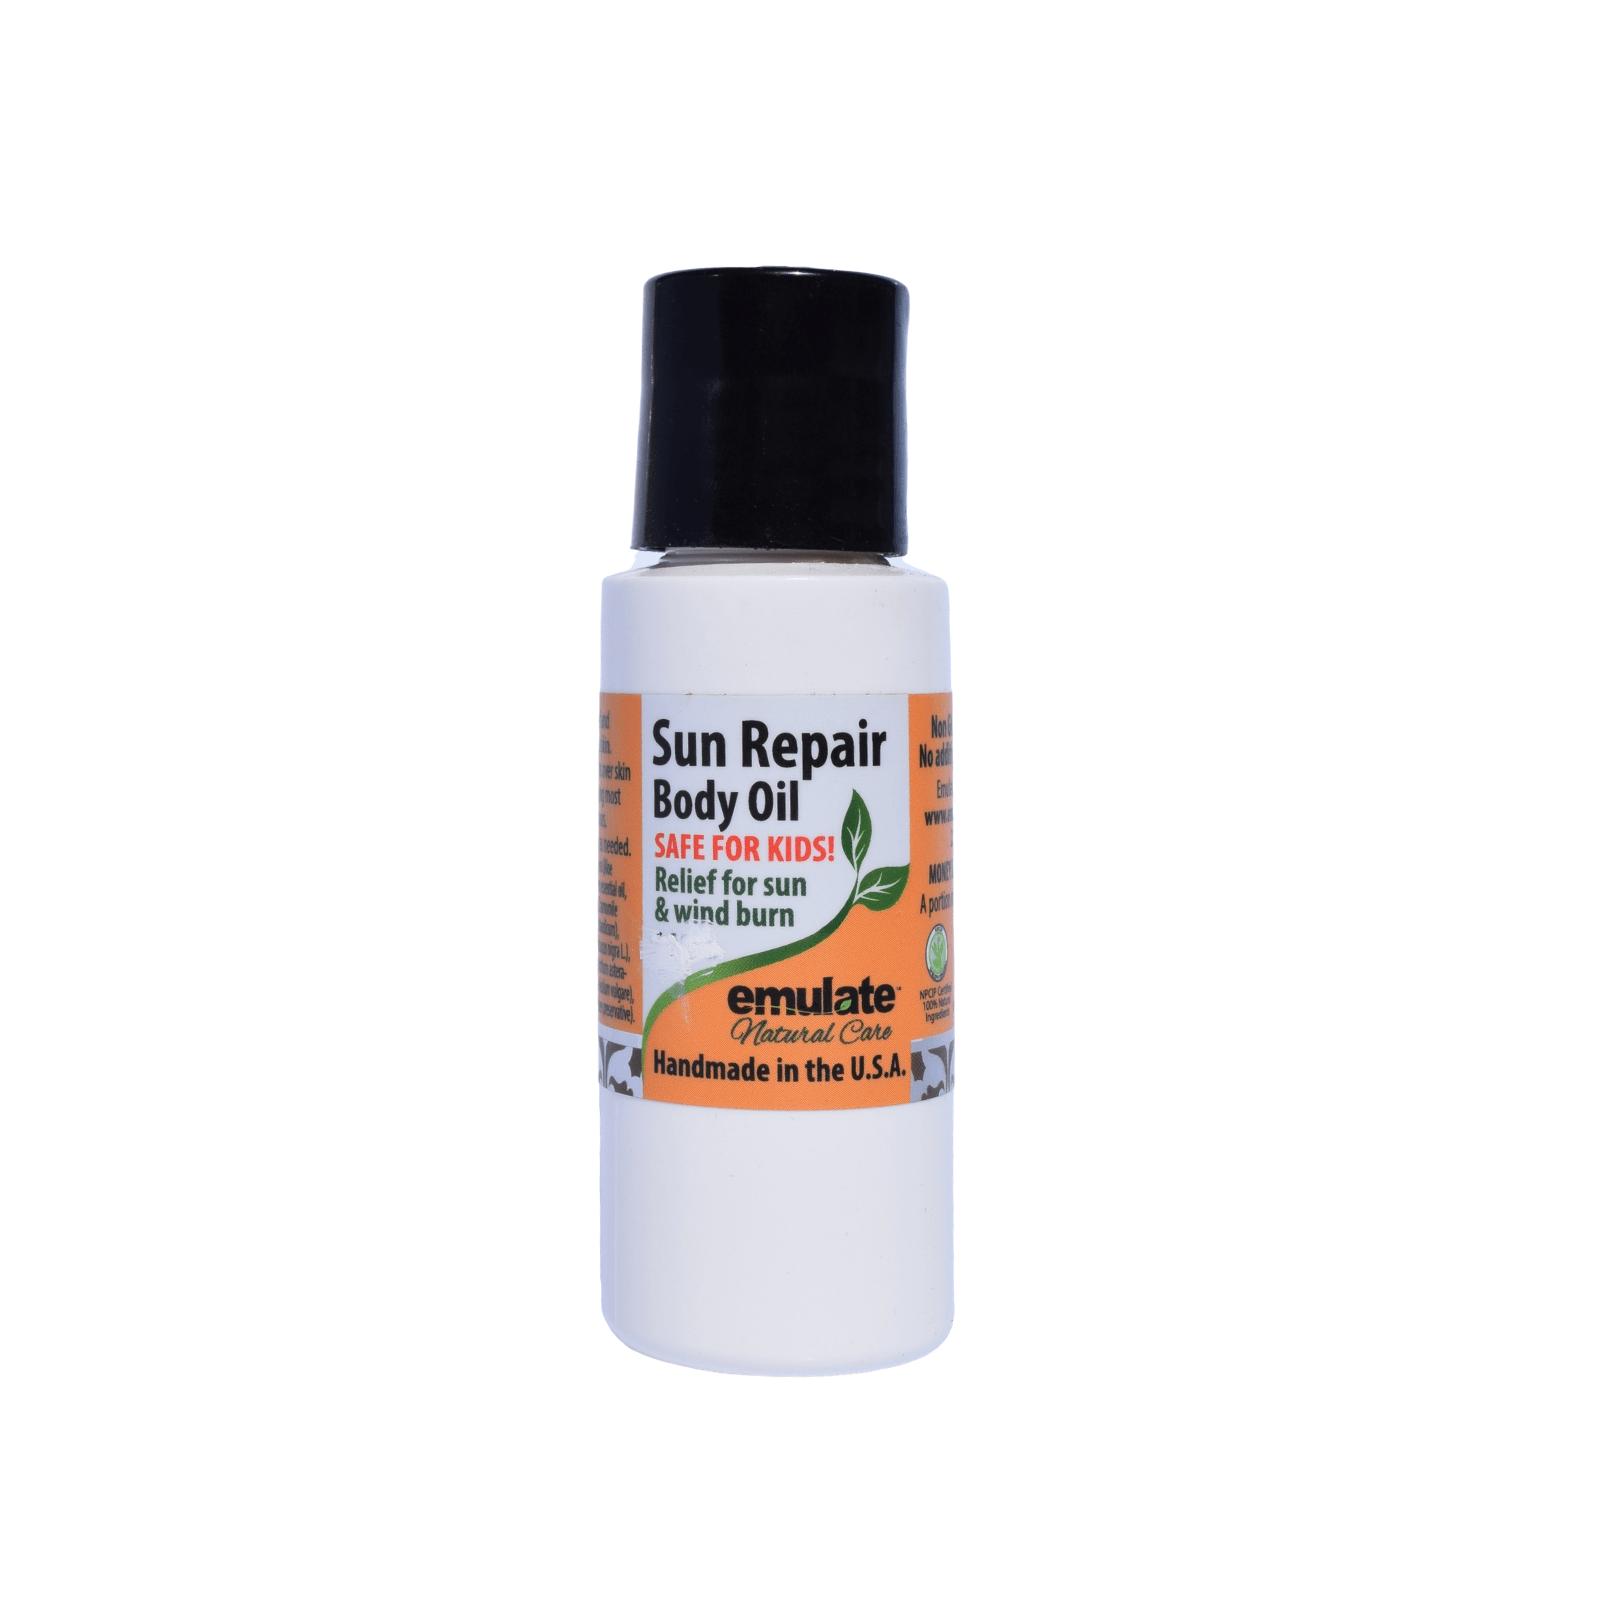 Sun repair body oil